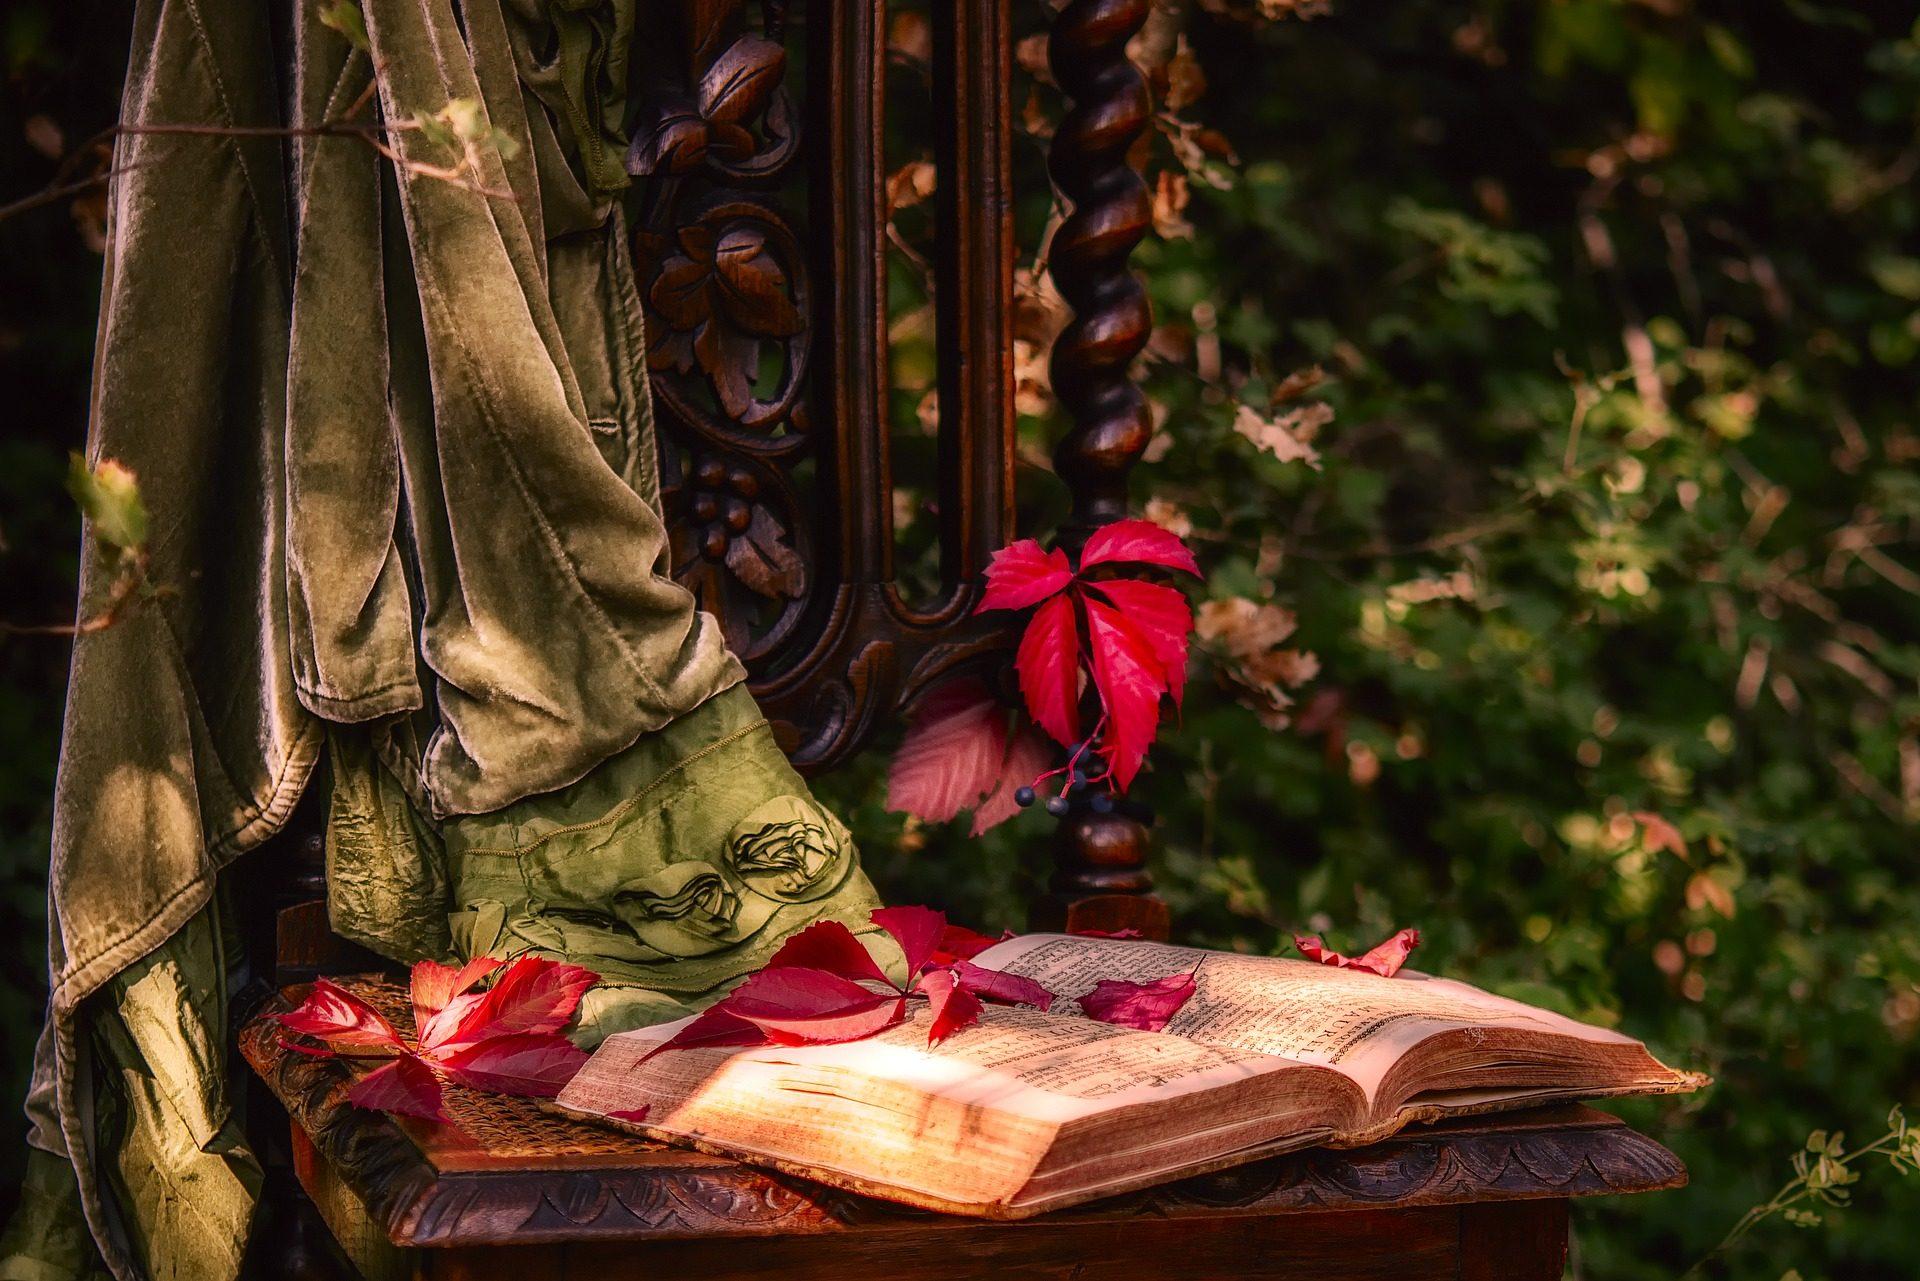 Βιβλίο, Καρέκλα, κάθισμα, Κήπος, φύλλα - Wallpapers HD - Professor-falken.com